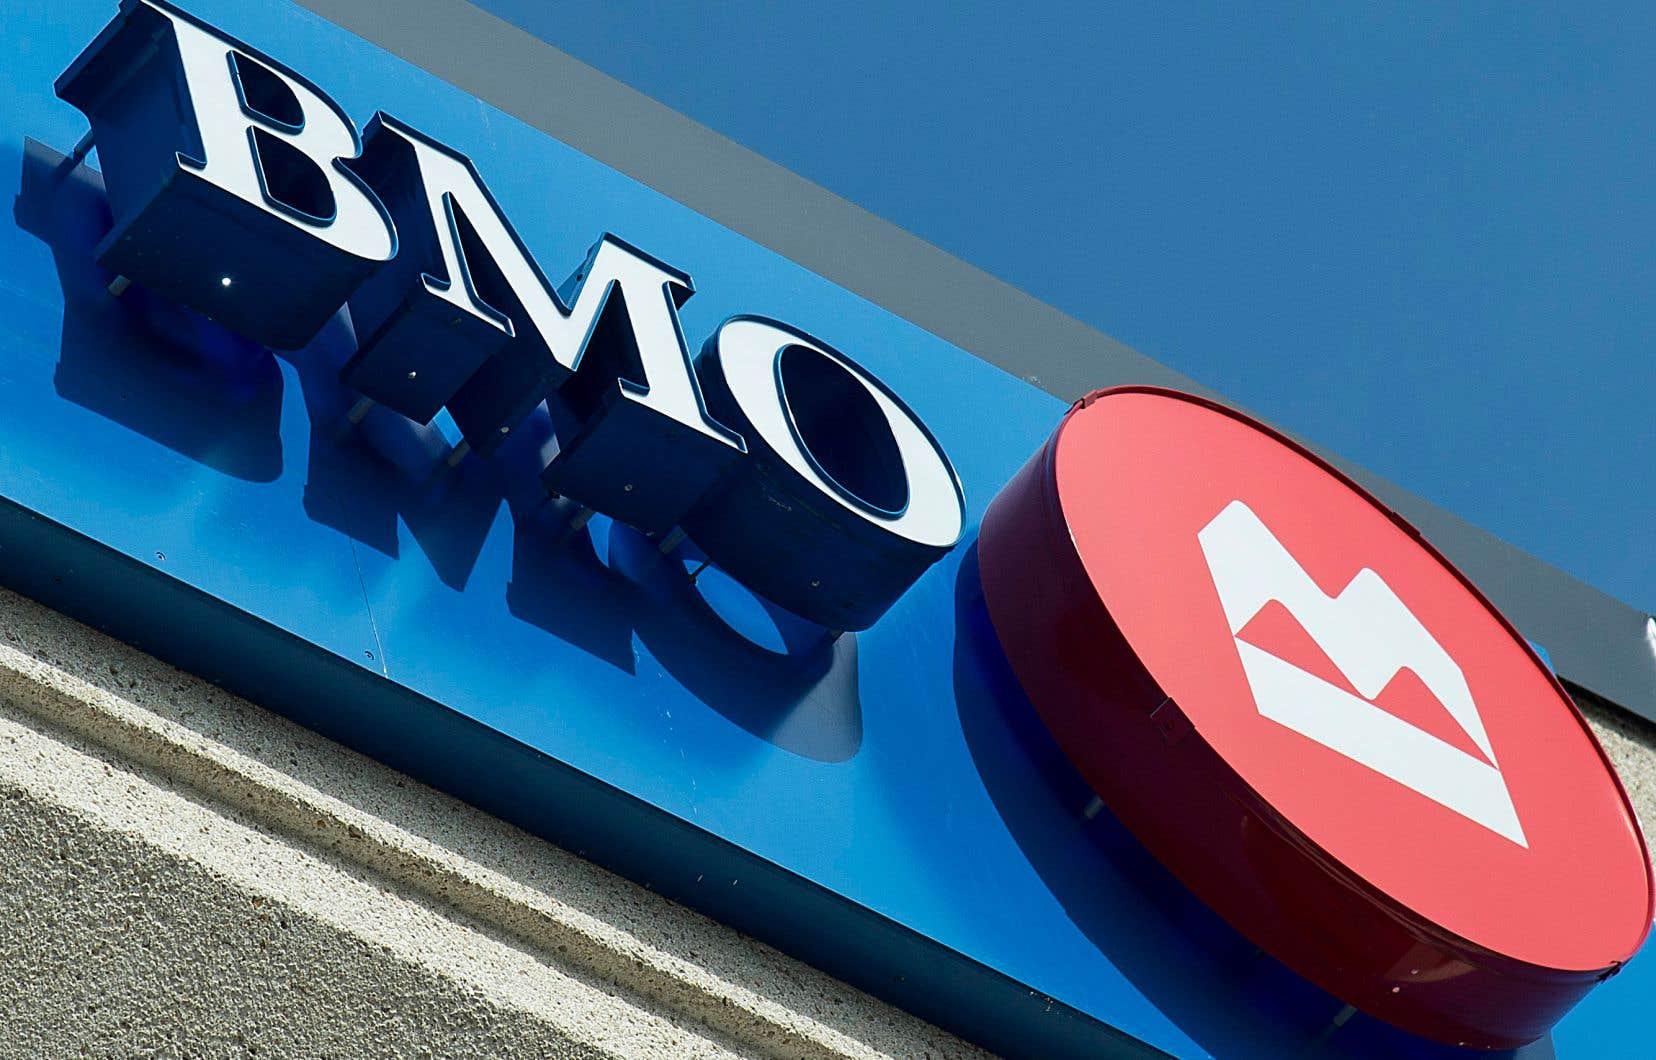 Pour l'ensemble de l'exercice financier, BMO affiche un bénéfice net de 5,76 milliards, en hausse de 6 % par rapport à celui de 2018.